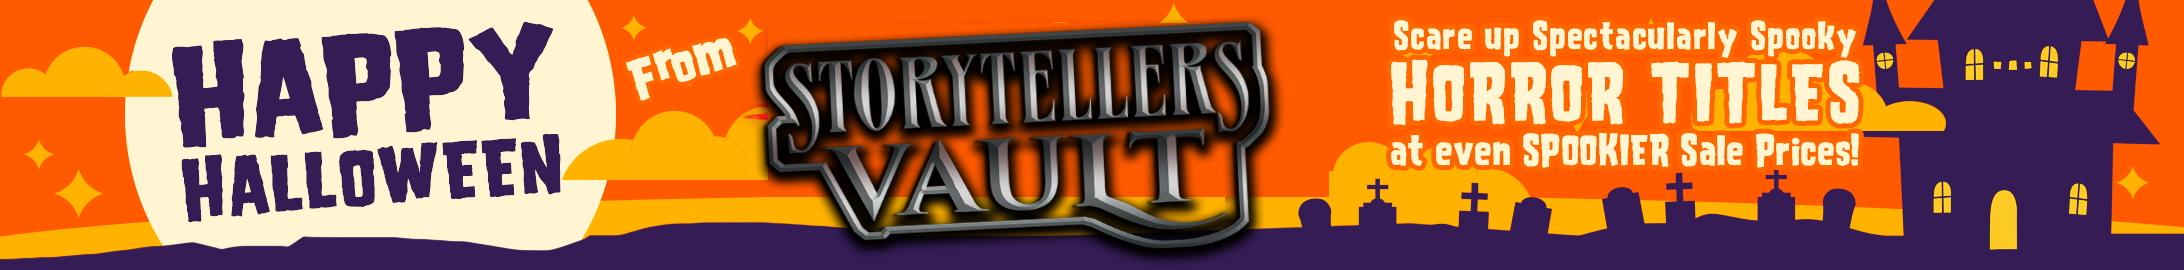 Spooky sale prices @ Storytellers Vault